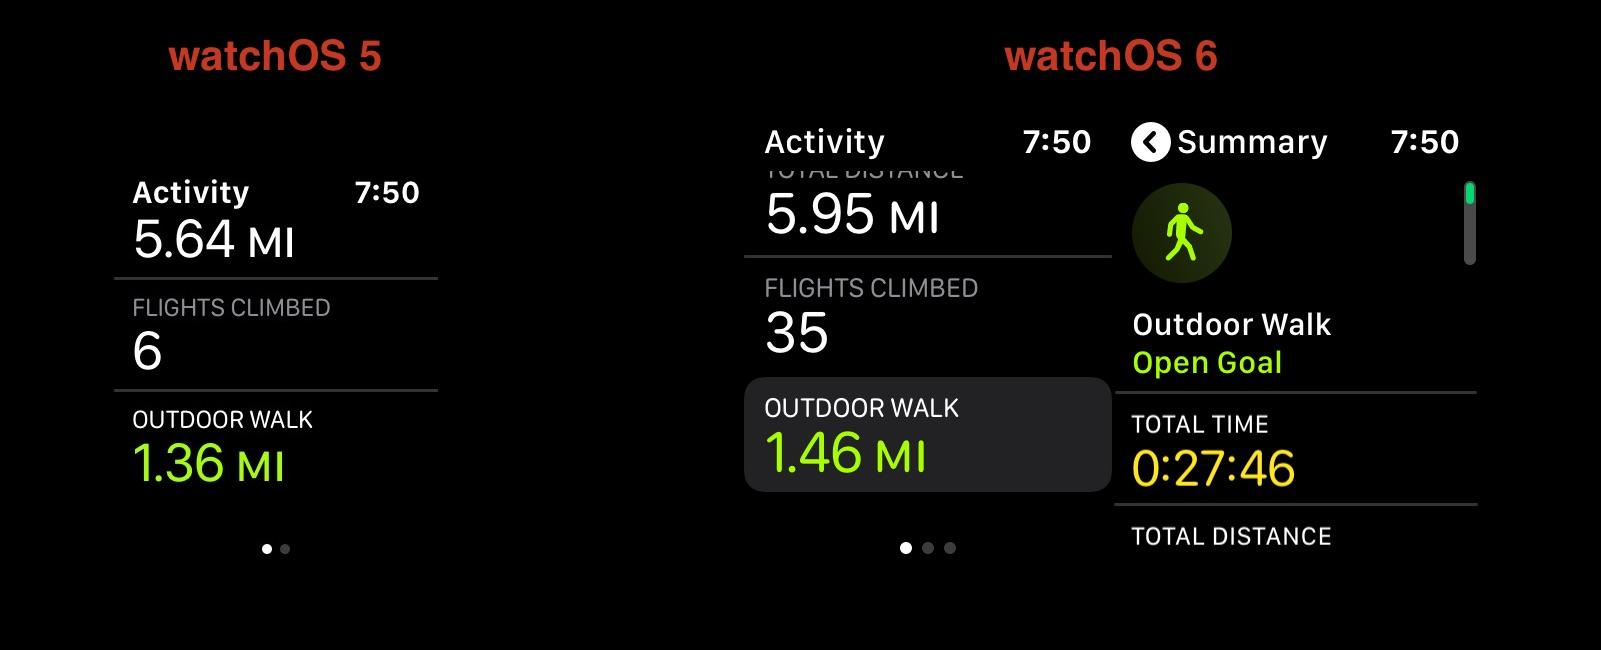 Novidade do app Exercício no watchOS 6